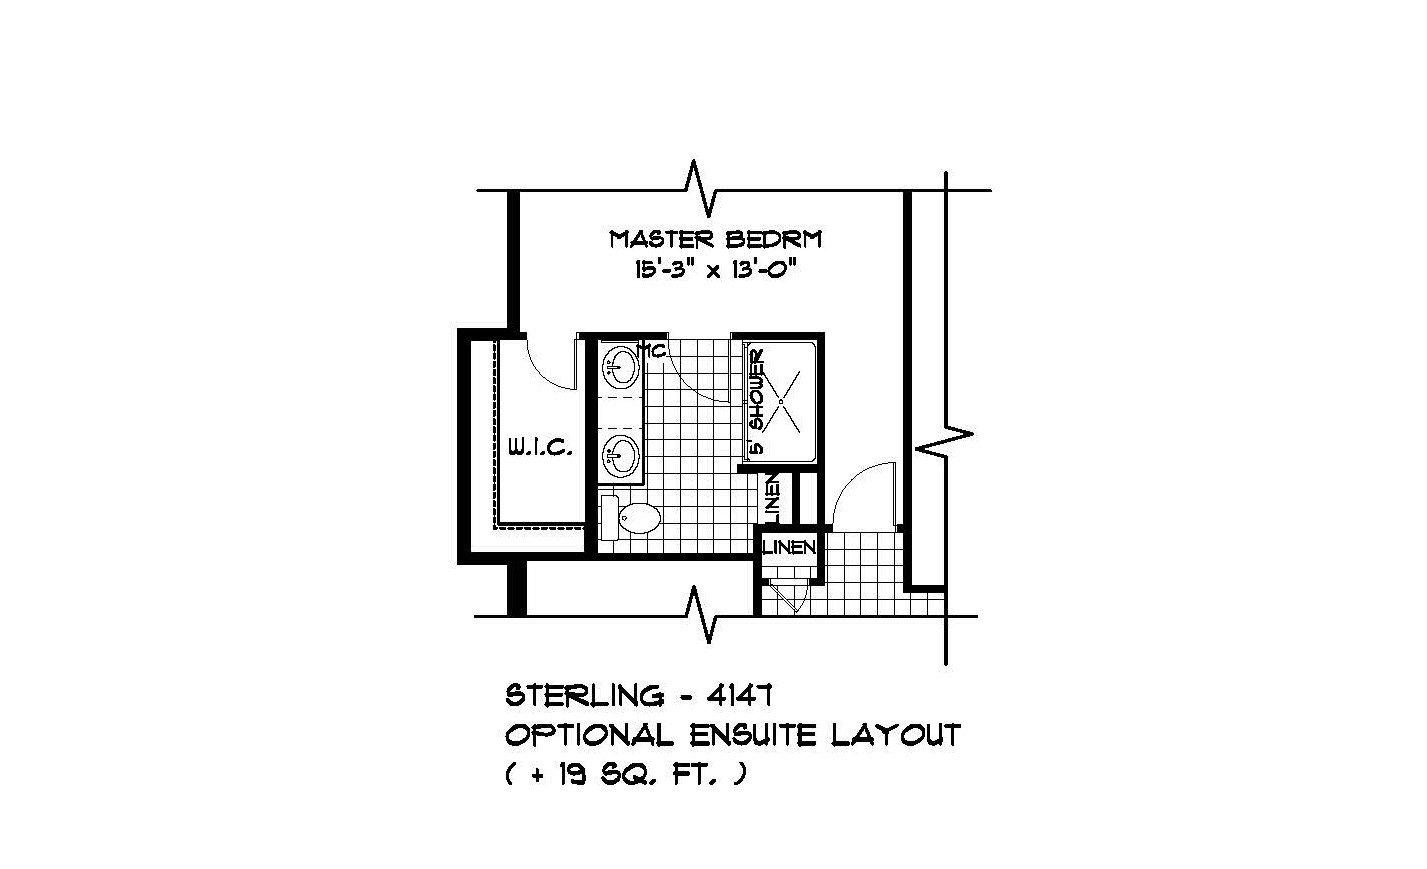 edit - PLAN OPT ENSUITE LAYOUT 4147-20